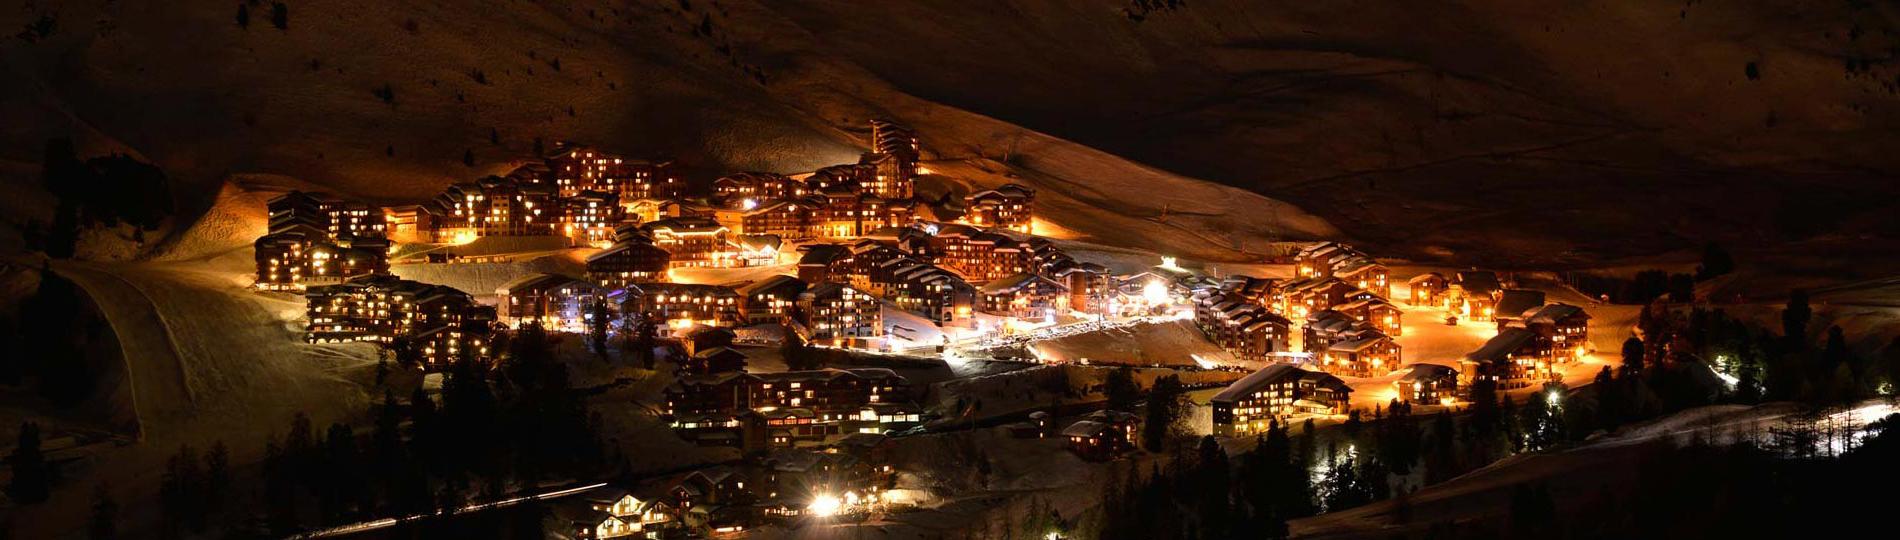 Station de ski La Plagne - village d'altitude